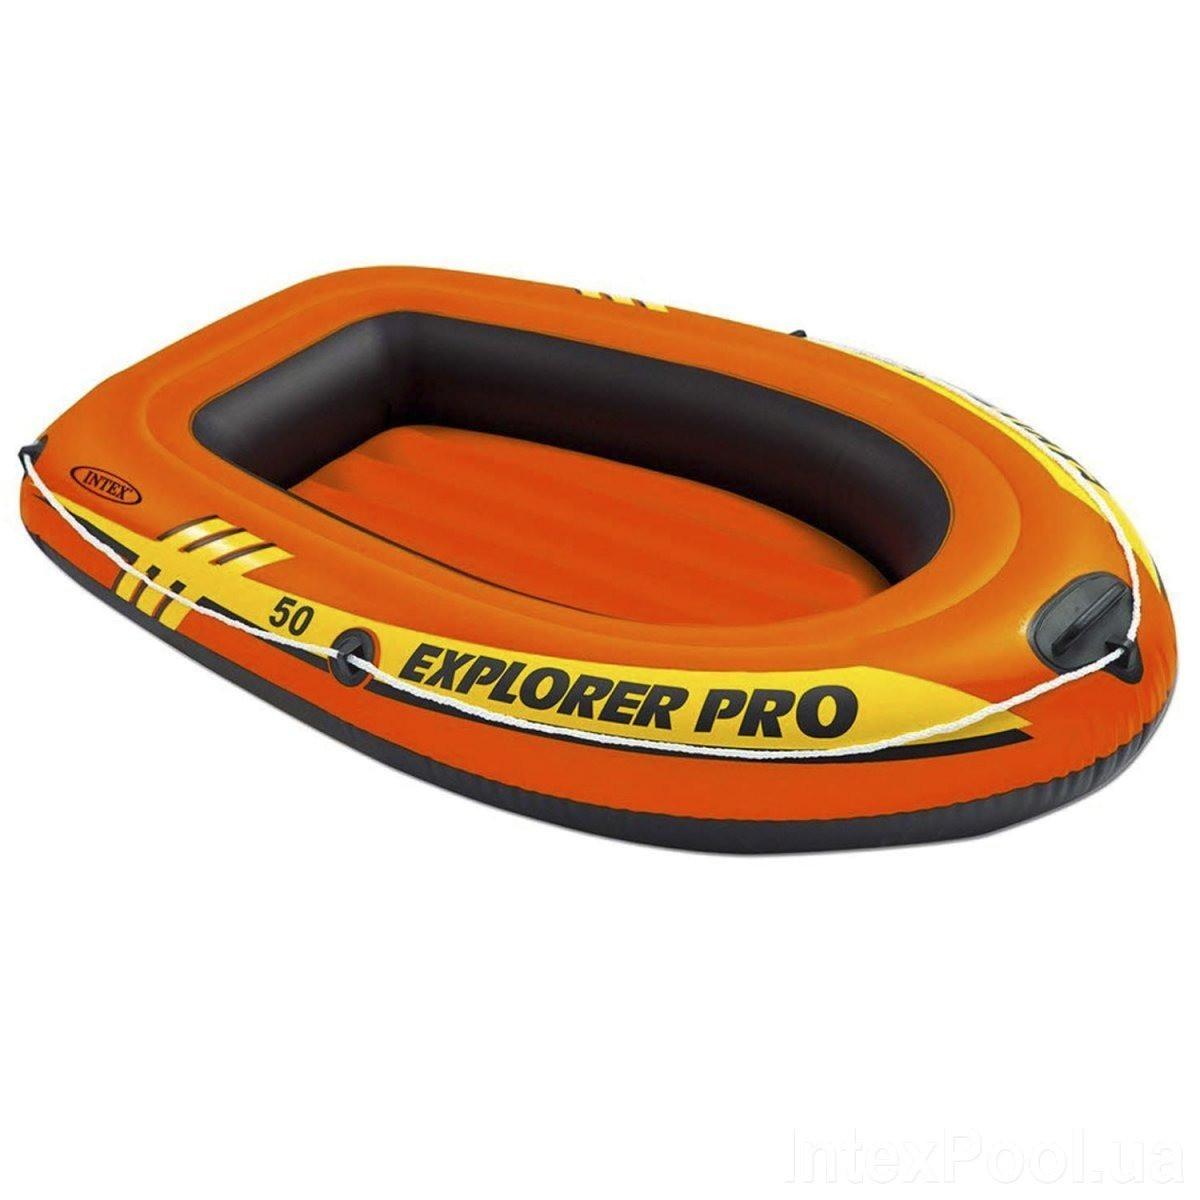 Човен надувний одномісний дитячий гребний Intex Explorer Pro 50